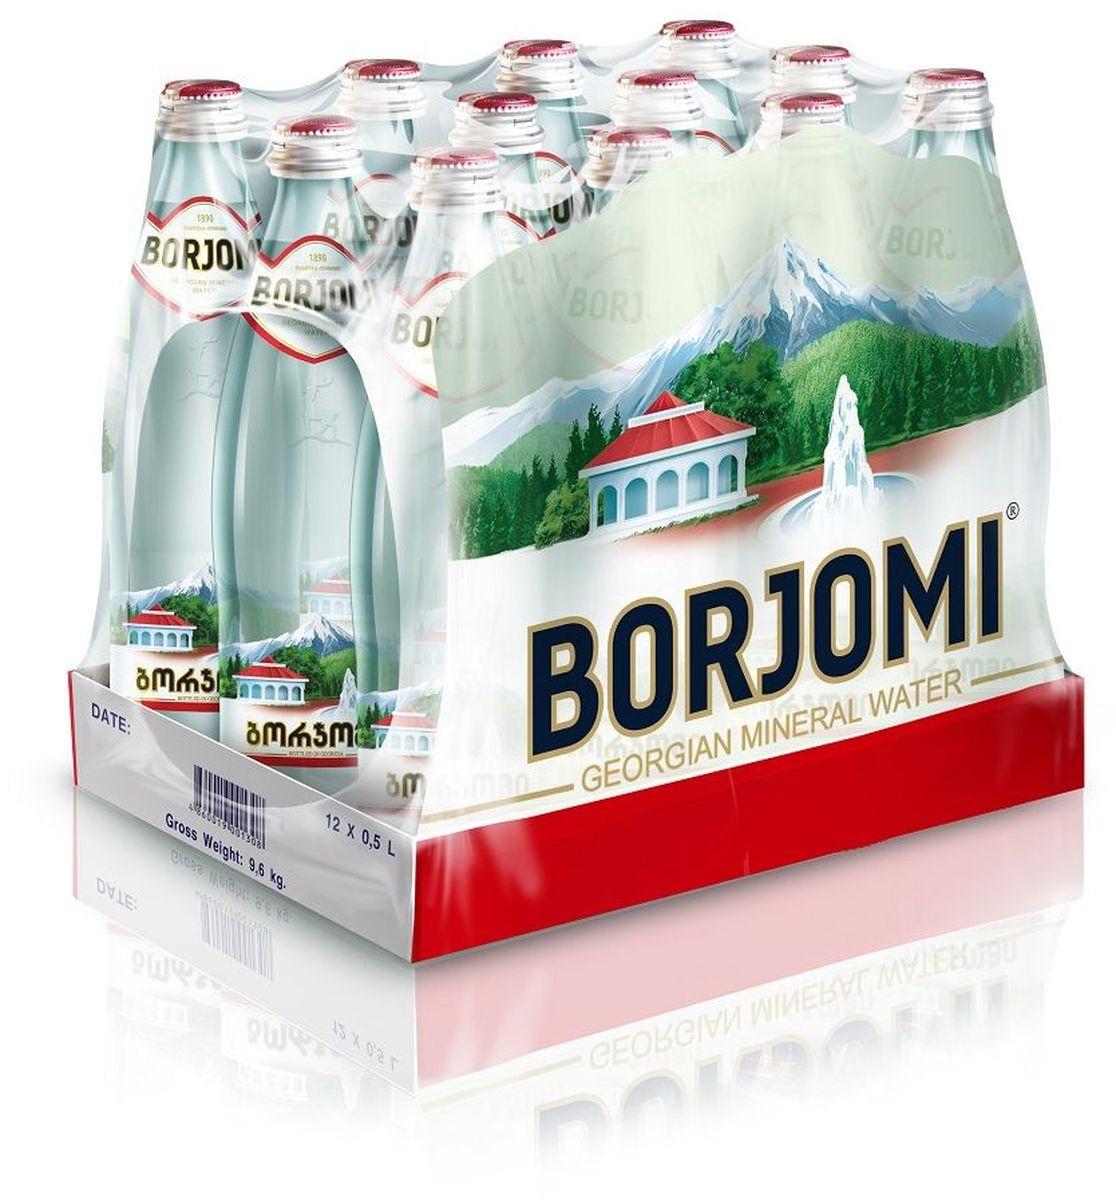 Borjomi вода природная гидрокарбонатно-натриевая минеральная, 12 шт по 0,5 л4860019001308Borjomi – природная гидрокарбонатно-натриевая минеральная вода с минерализацией 5,0-7,5 г/л. Рожденная в недрах Кавказских гор, она бьет из земли горячим ключом в долине Боржоми, на территории крупнейшего в Европе Грузинского Национального парка Боржоми-Харагаули. Благодаря уникальному комплексу минералов вулканического происхождения, эта природная минеральная вода действует как душ изнутри и прекрасно очищает организм.Зарождаясь на глубине 8000 м и поднимаясь сквозь слои вулканических пород, вода Borjomi насыщается природной композицией из более чем 60 полезных минералов. Разлито на месте добычи из Боржомского месторождения минеральных вод (скв.№25Э,41р). Показания по лечебному применению: болезни пищевода, хронический гастритс нормальной и повышенной секреторной функцией желудка, язвенная болезньжелудка и двенадцатиперстной кишки, болезни кишечника, болезни печени,желчного пузыря и желчевыводящих путей, болезни поджелудочной железы,нарушение органов пищеварения после оперативных вмешательств по поводуязвенной болезни желудка, постхолецистэктомические синдромы, болезниобмена веществ: сахарный диабет, ожирение, болезни мочевыводящих путей.При вышеуказанных заболеваниях применяется только вне фазы обострения.